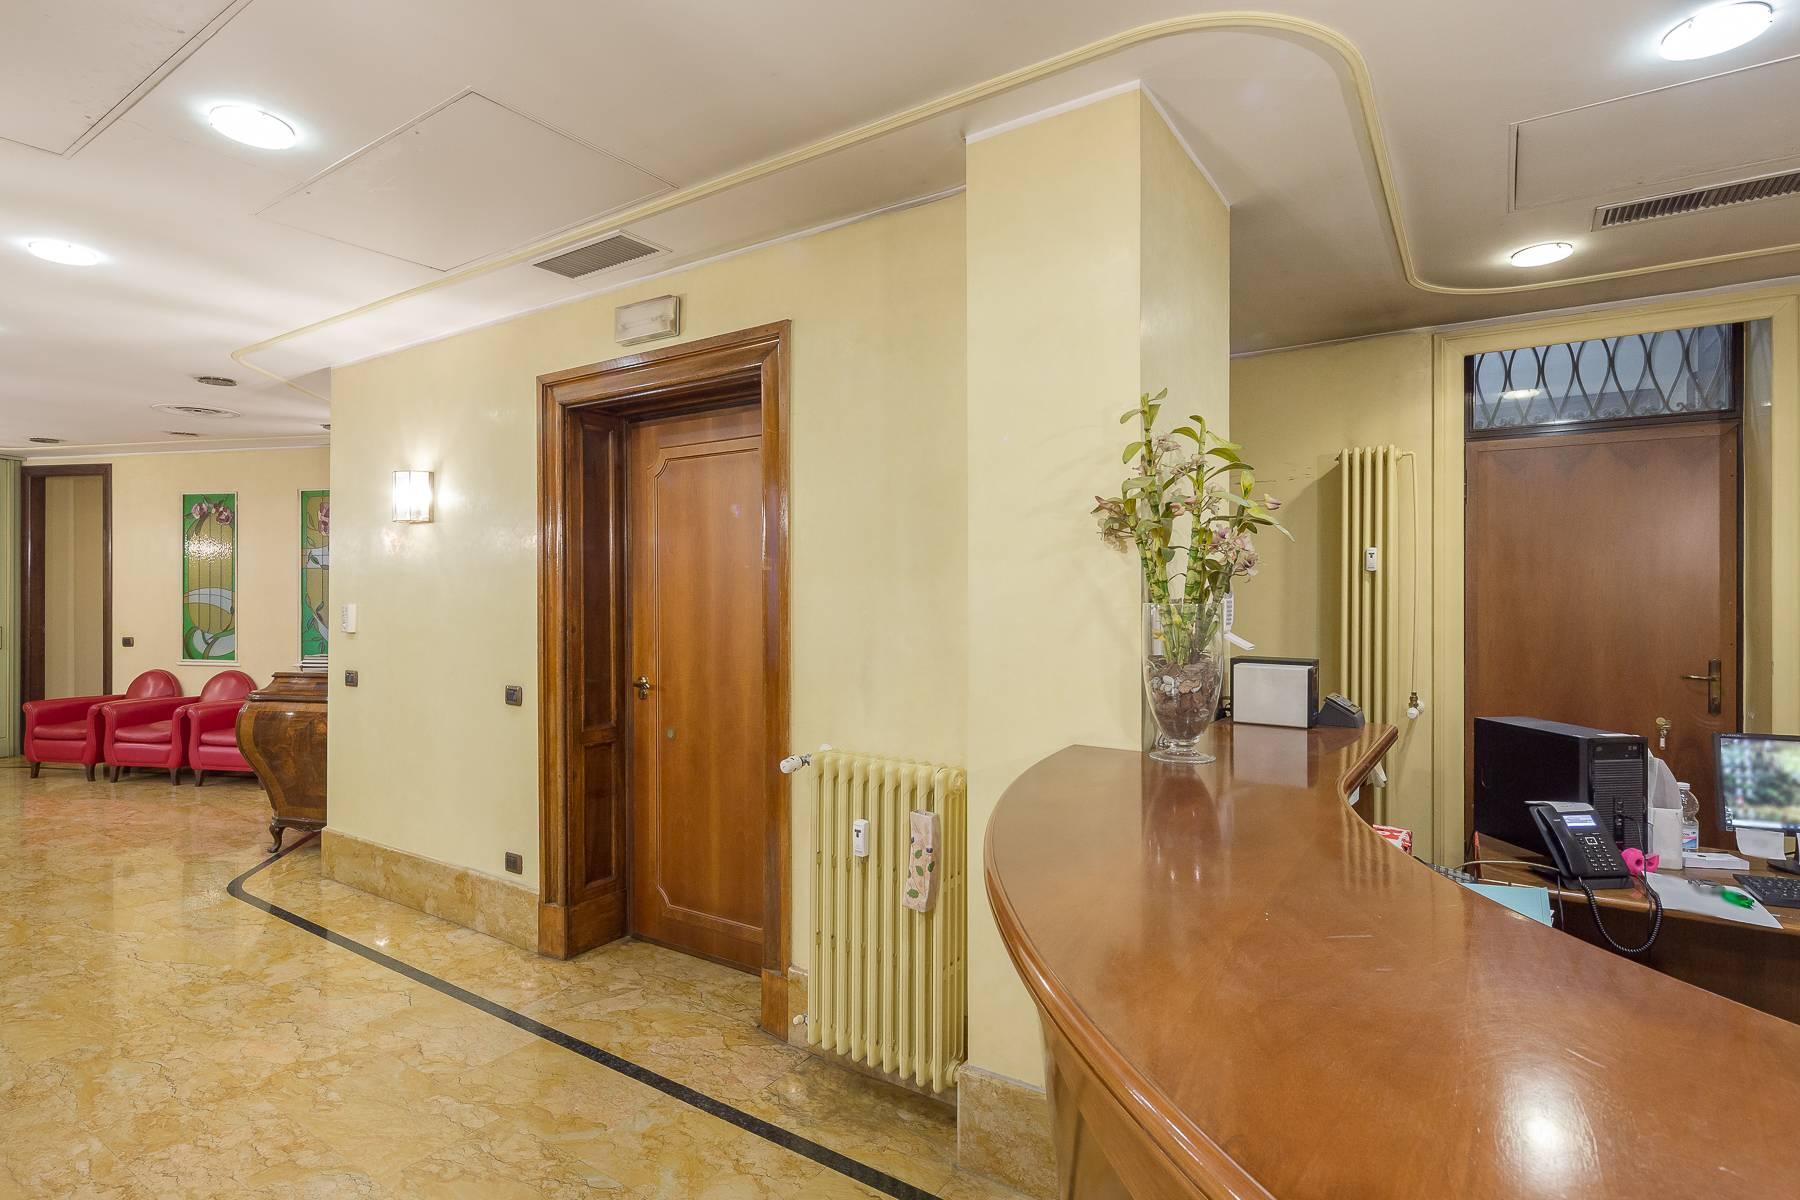 Ufficio-studio in Vendita a Milano: 5 locali, 470 mq - Foto 16